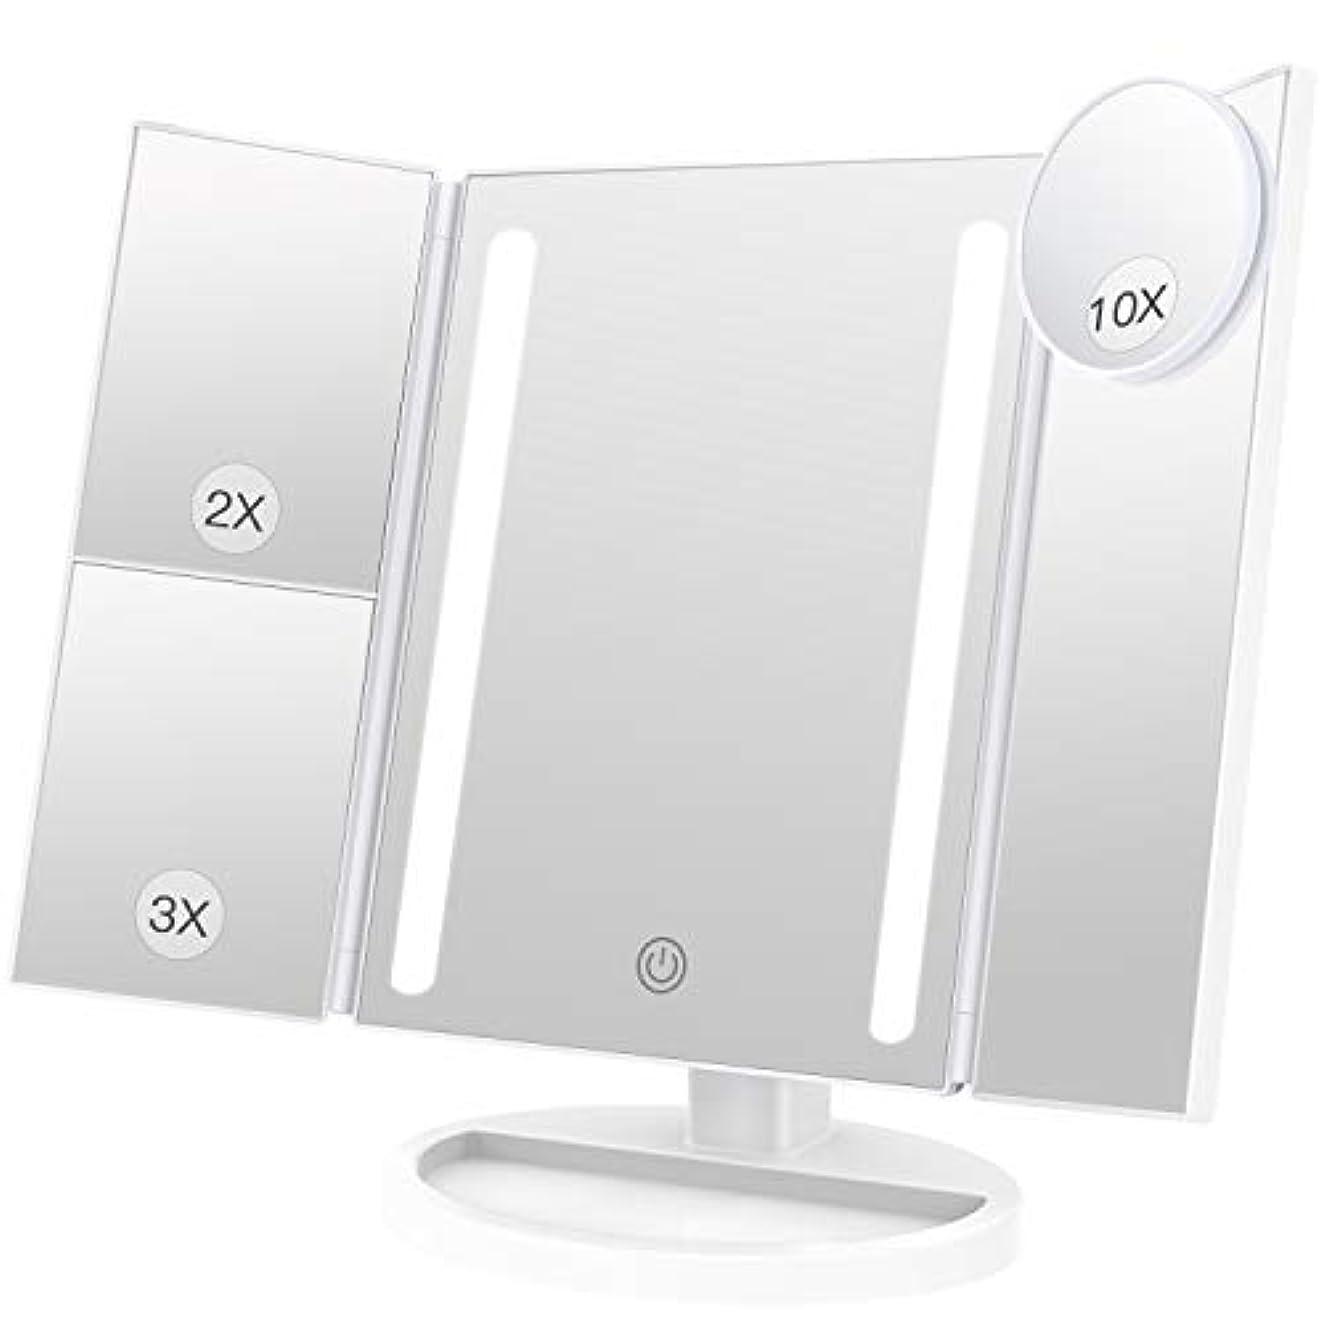 騒ぎモネホテルBESTOPE 化粧鏡 卓上鏡 鏡 三面鏡 拡大鏡 卓上 led付き 折りたたみ 2倍&3倍 明るさ調節可能 180°回転 電池&USB 2WAY給電